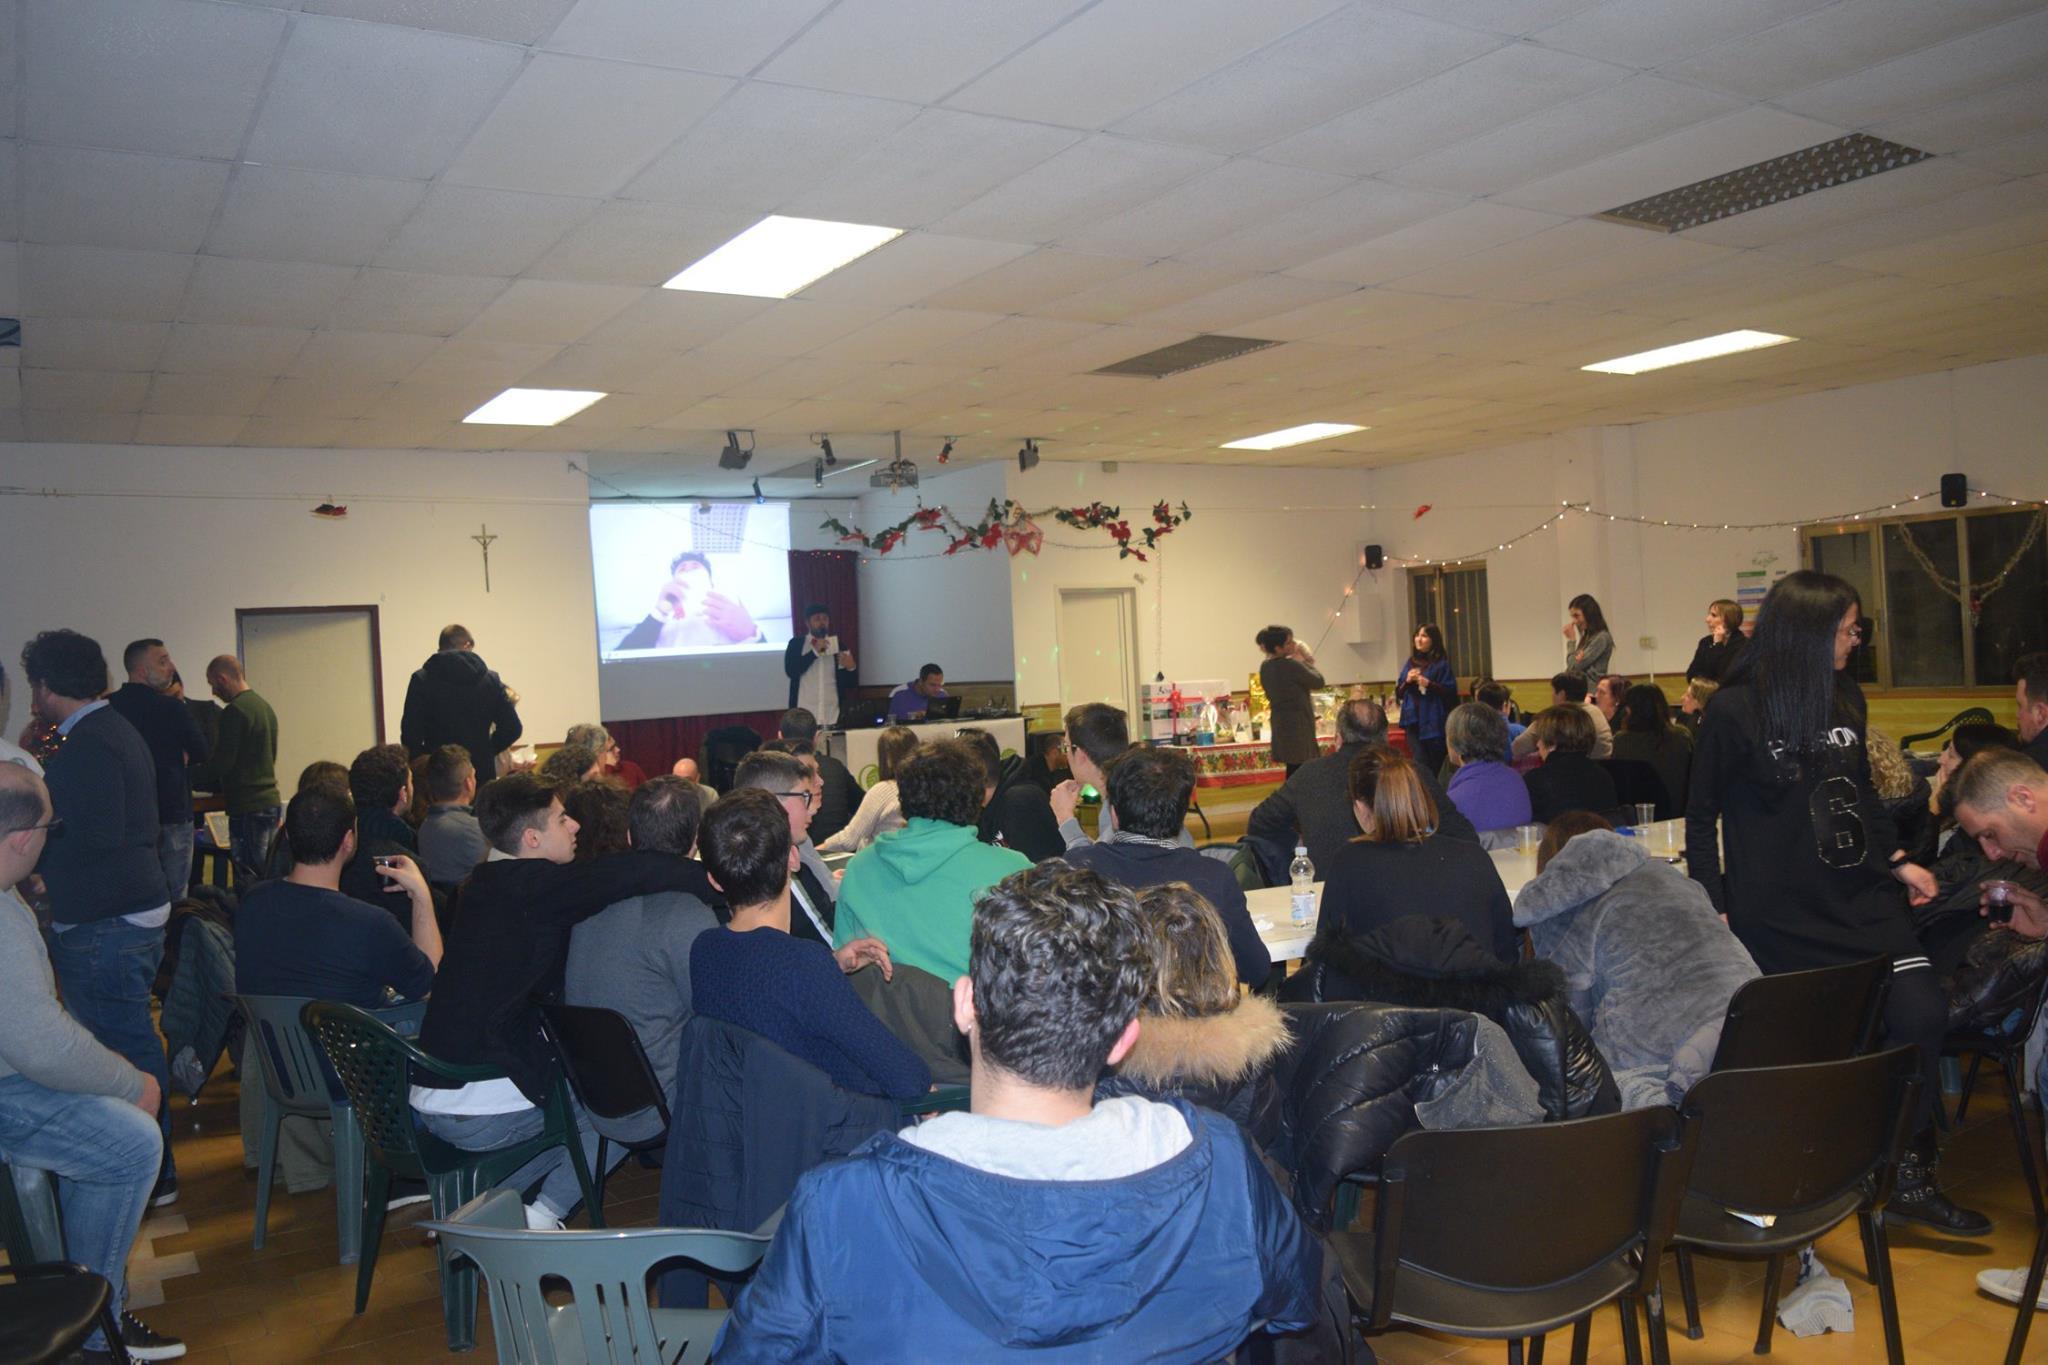 Viaggio nel profondo Sud, la rassegna cinematografica di Alipergo a Bellizzi